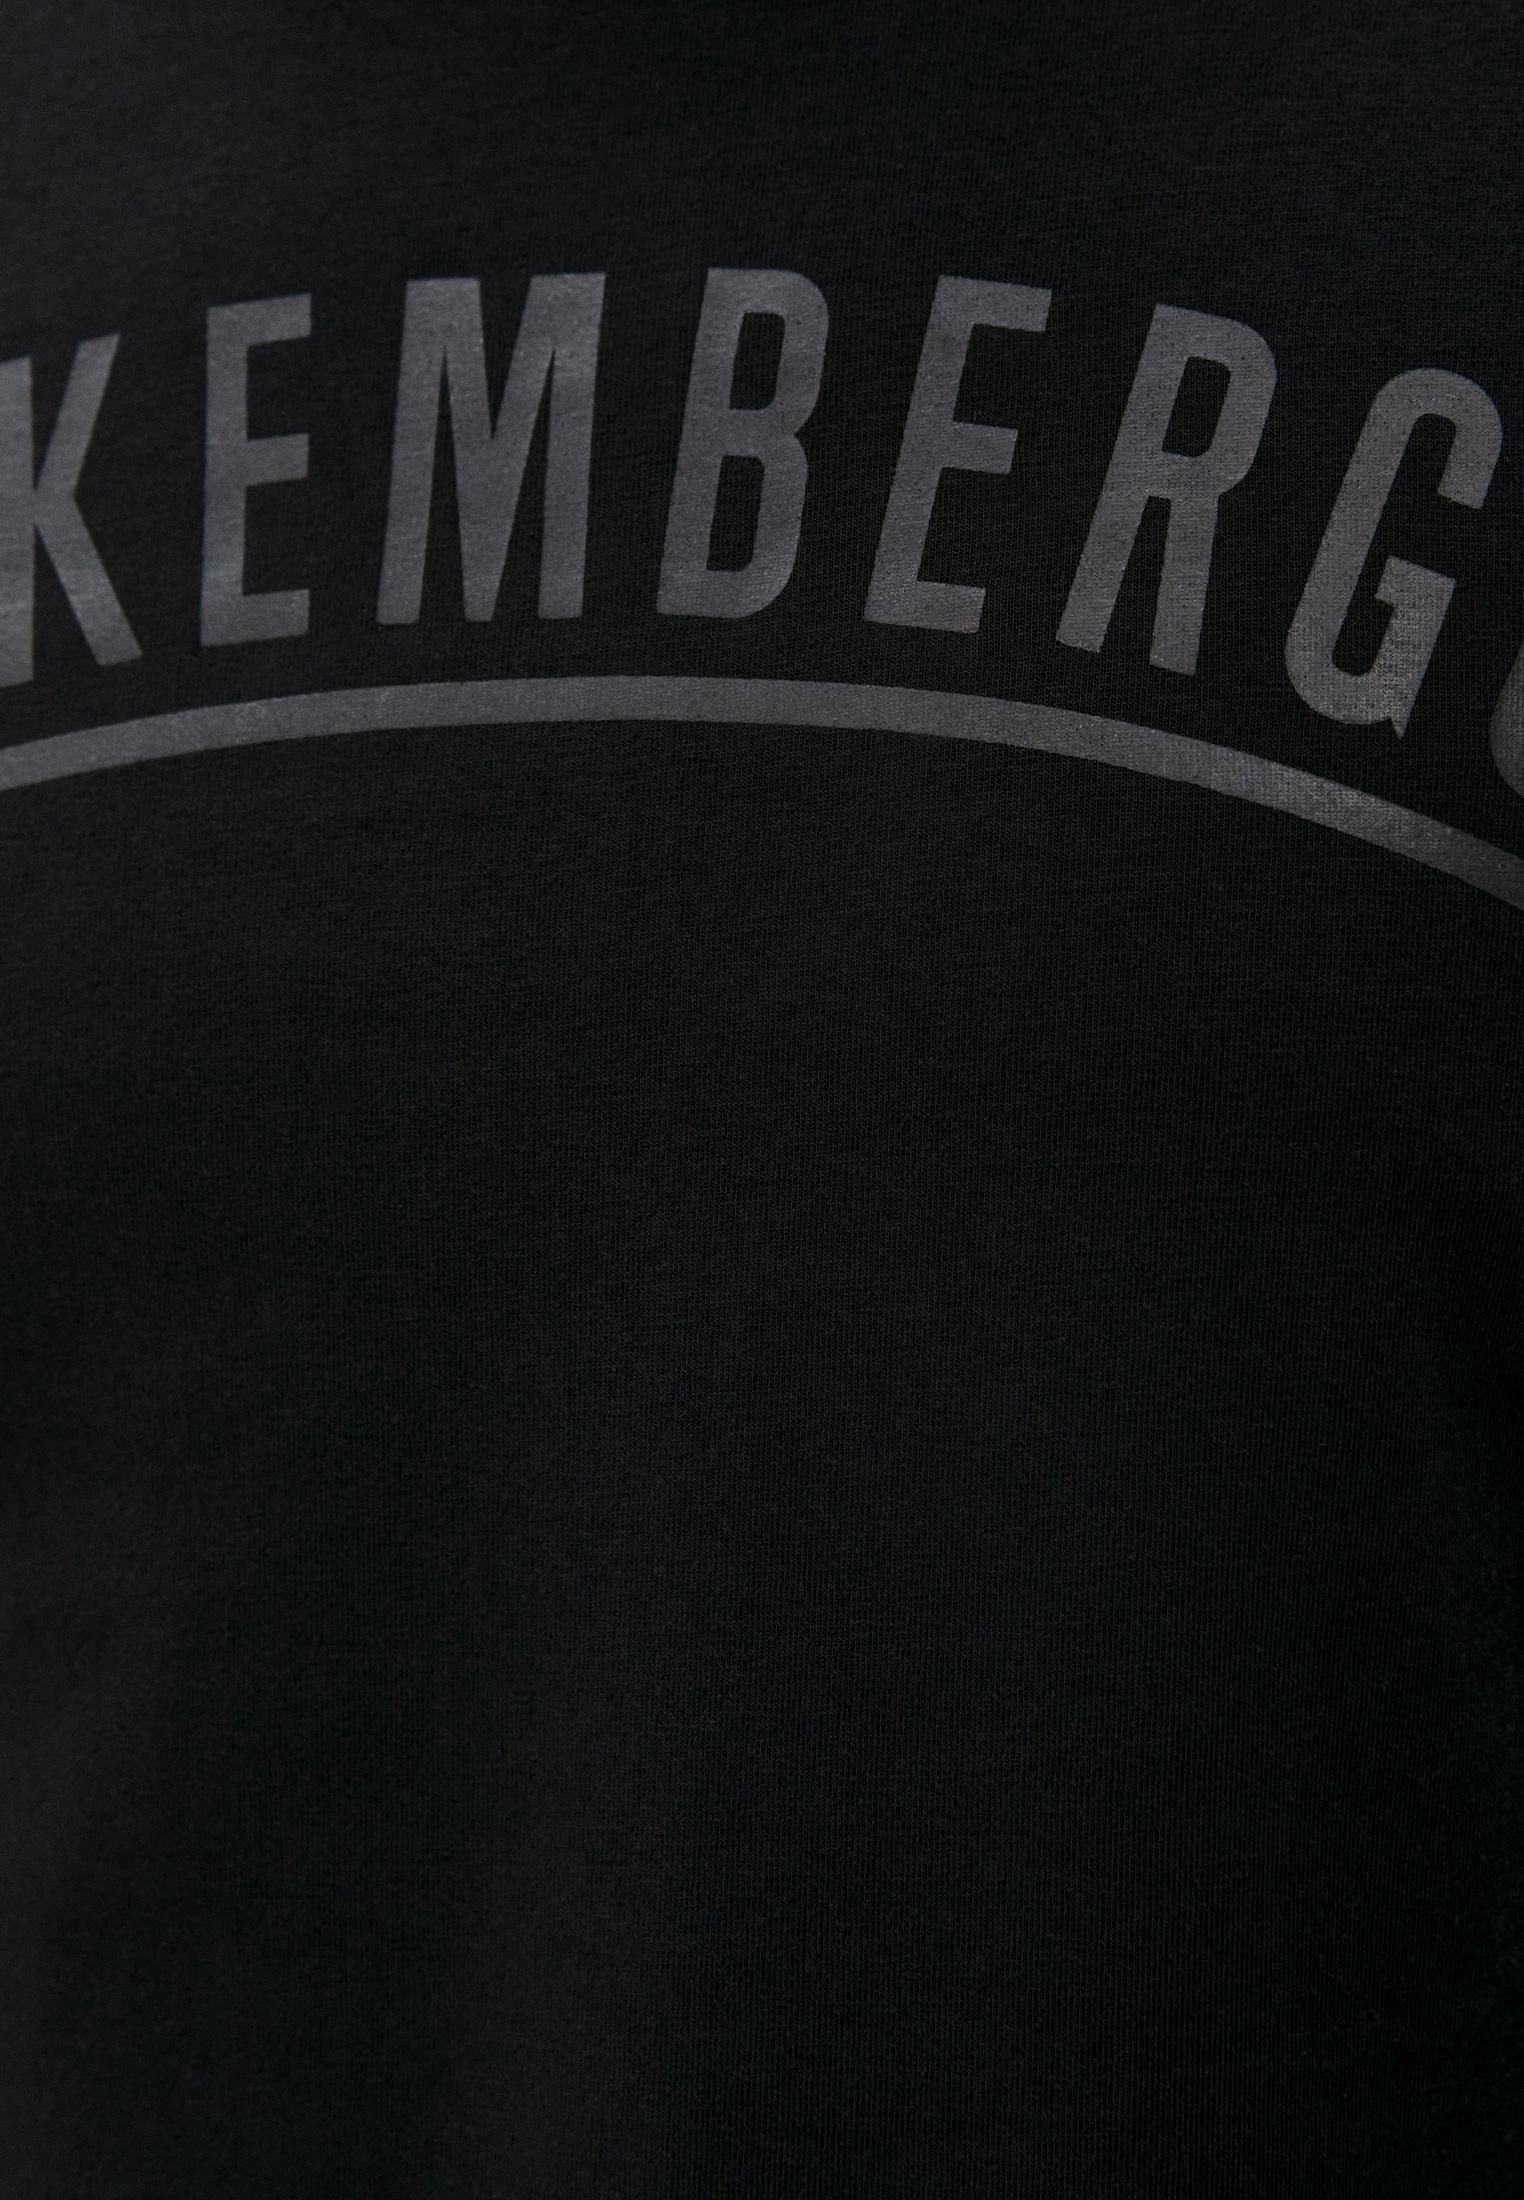 Футболка с длинным рукавом Bikkembergs (Биккембергс) C 4 100 6R E 1814: изображение 5